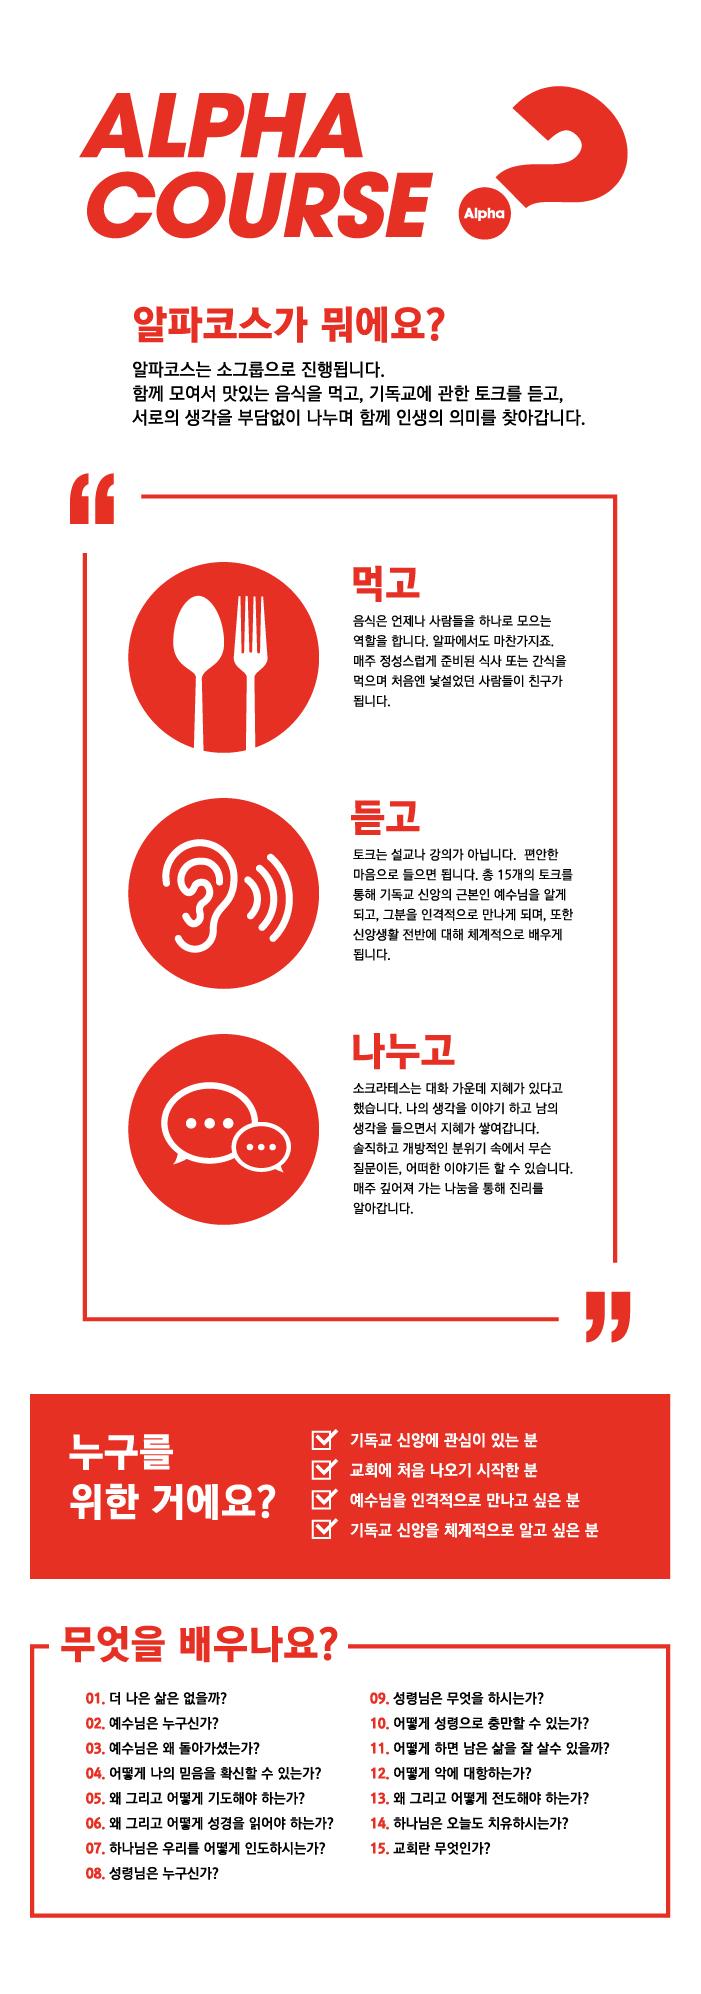 알파소개_홈페이지+업로드용+20180731-01.jpg